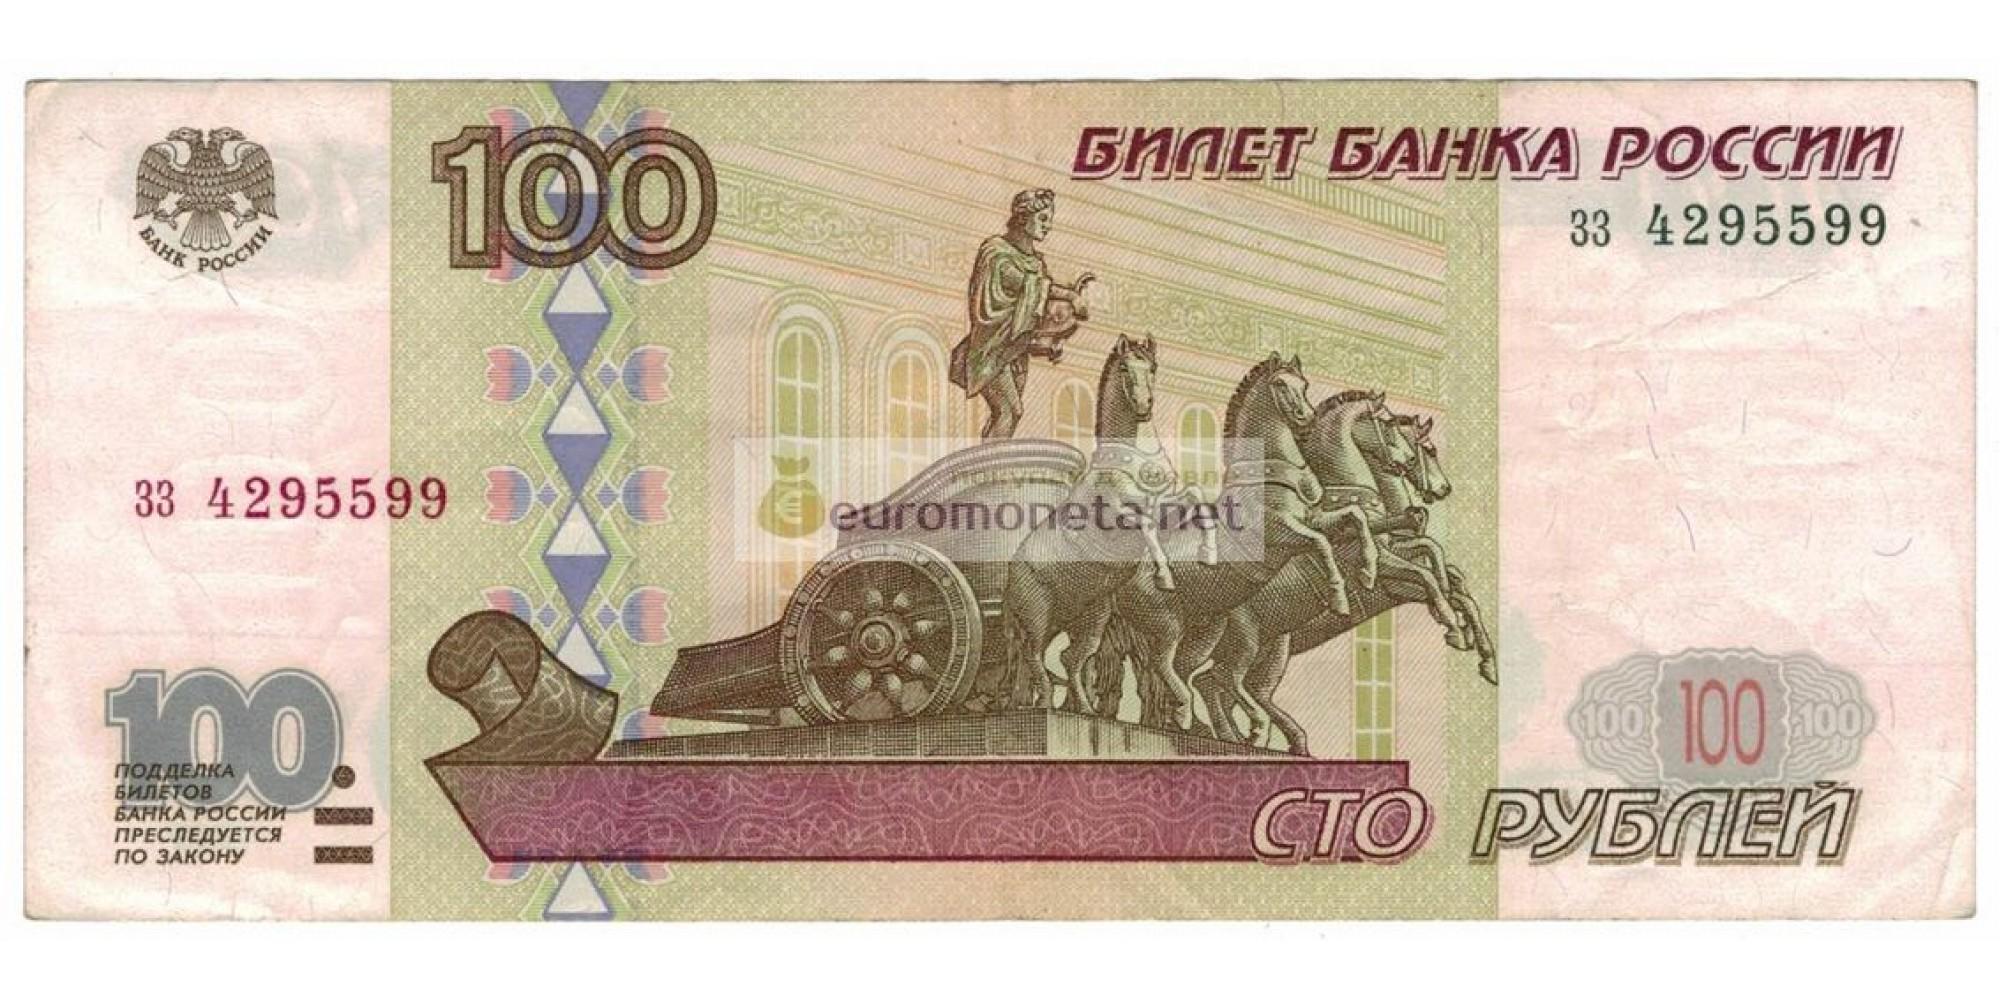 Россия 100 рублей 1997 год без модификации серия зз 4295599